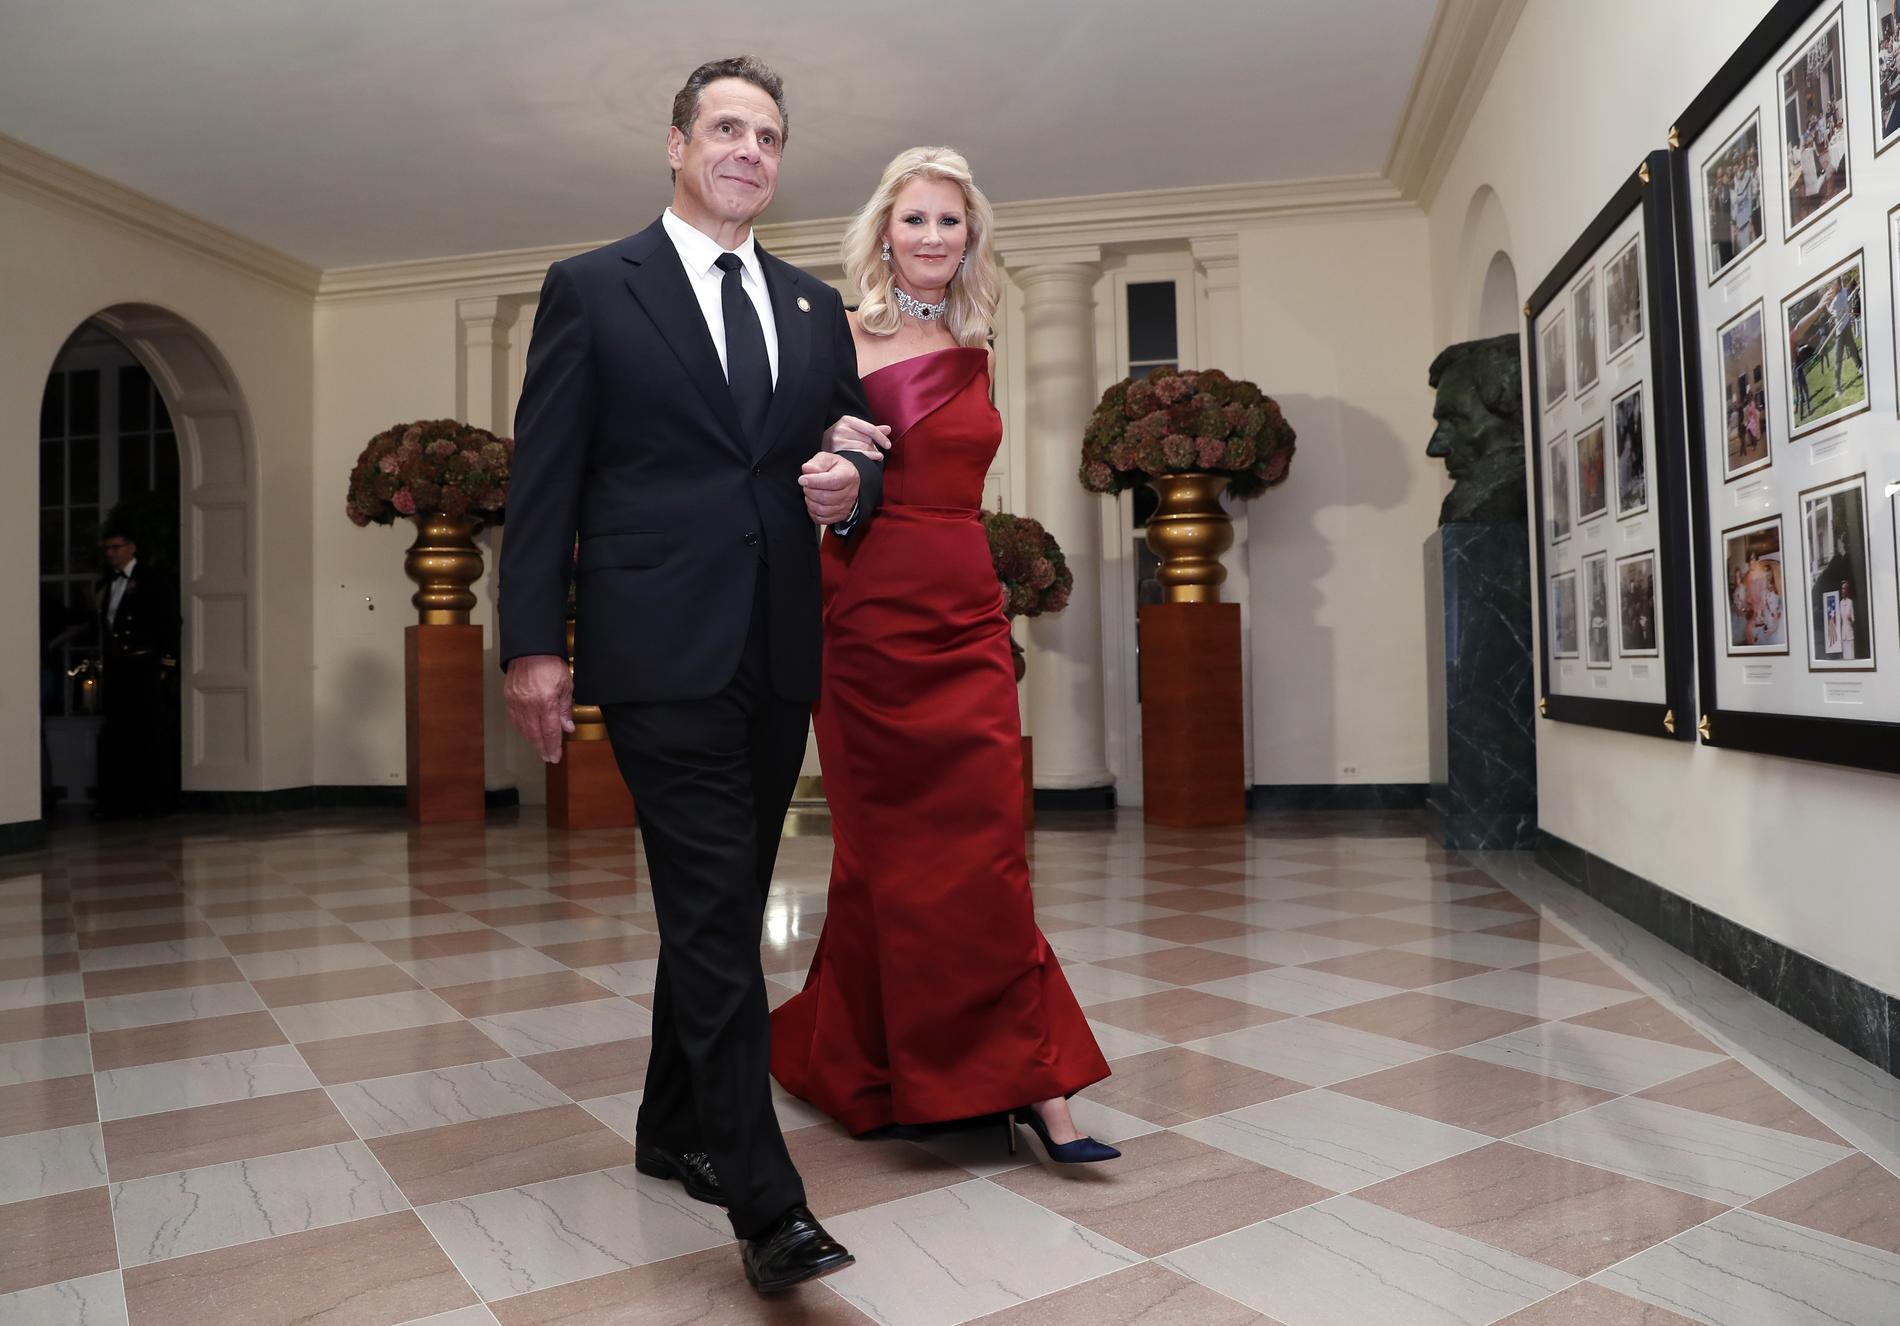 Michelle et barack obama leur dernier d ner d 39 tat la for Barack obama maison blanche